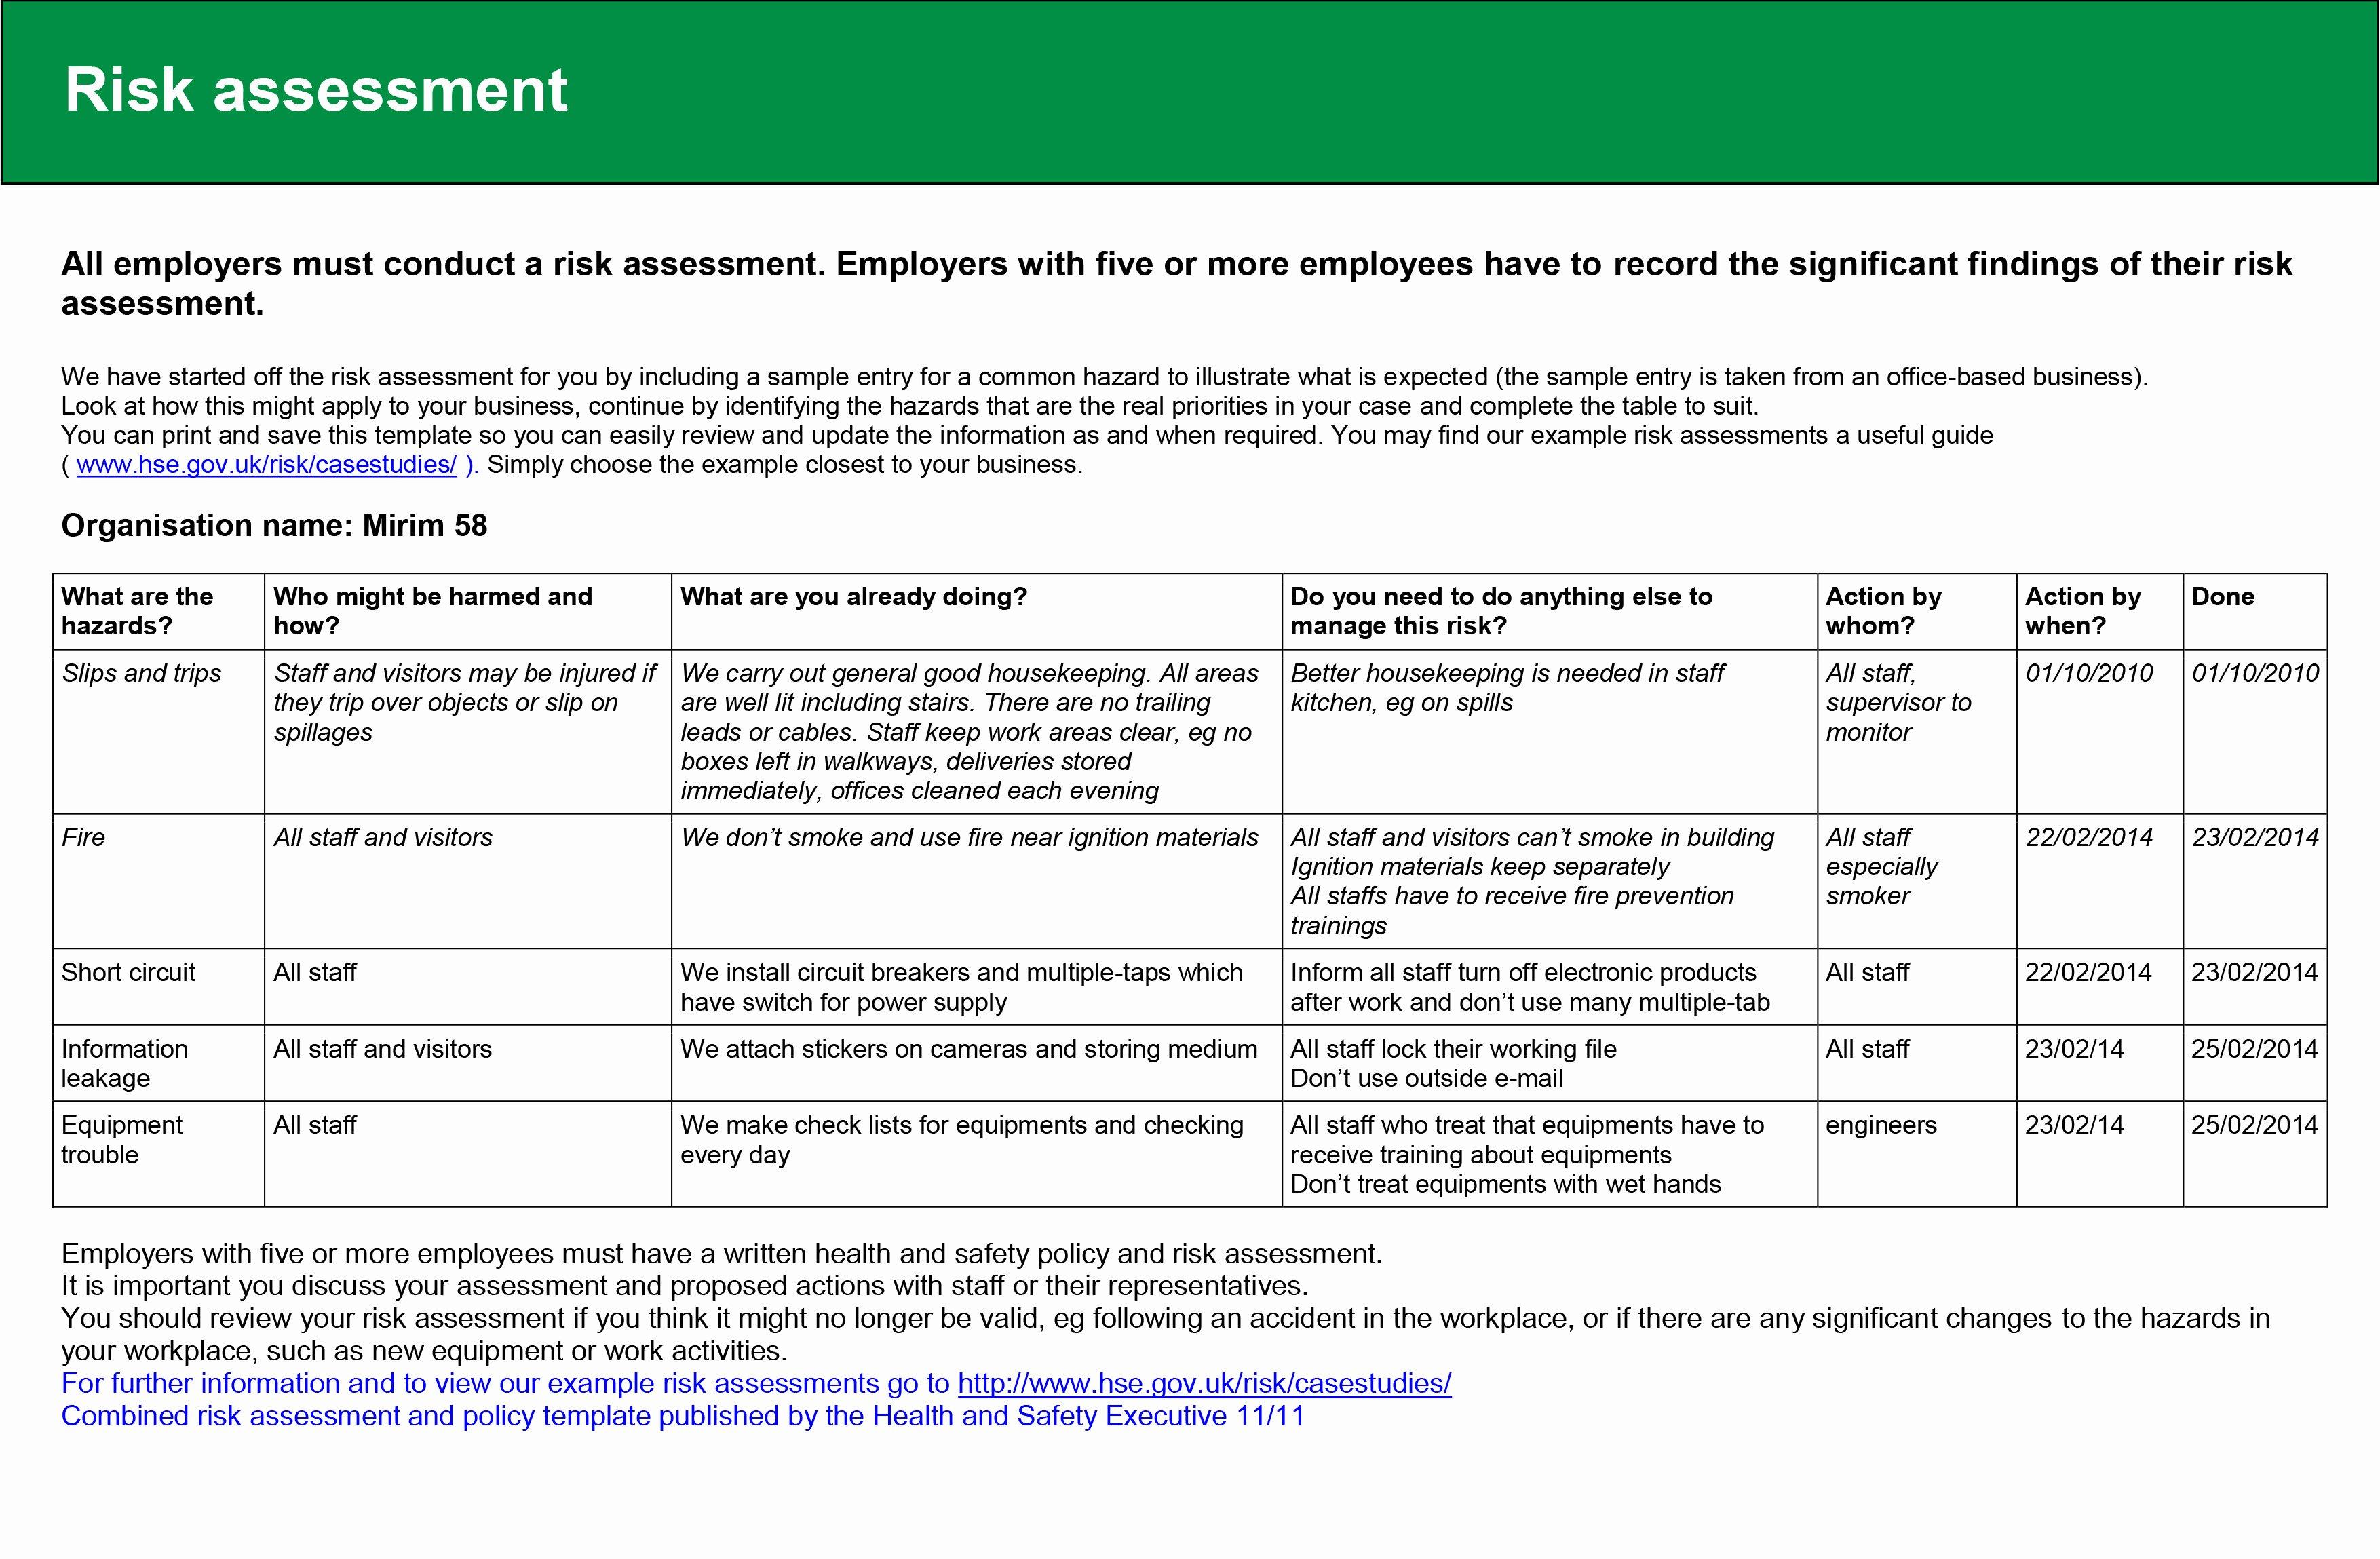 Risk assessment Report Template Lovely Task2 – 2014mirimstudent58